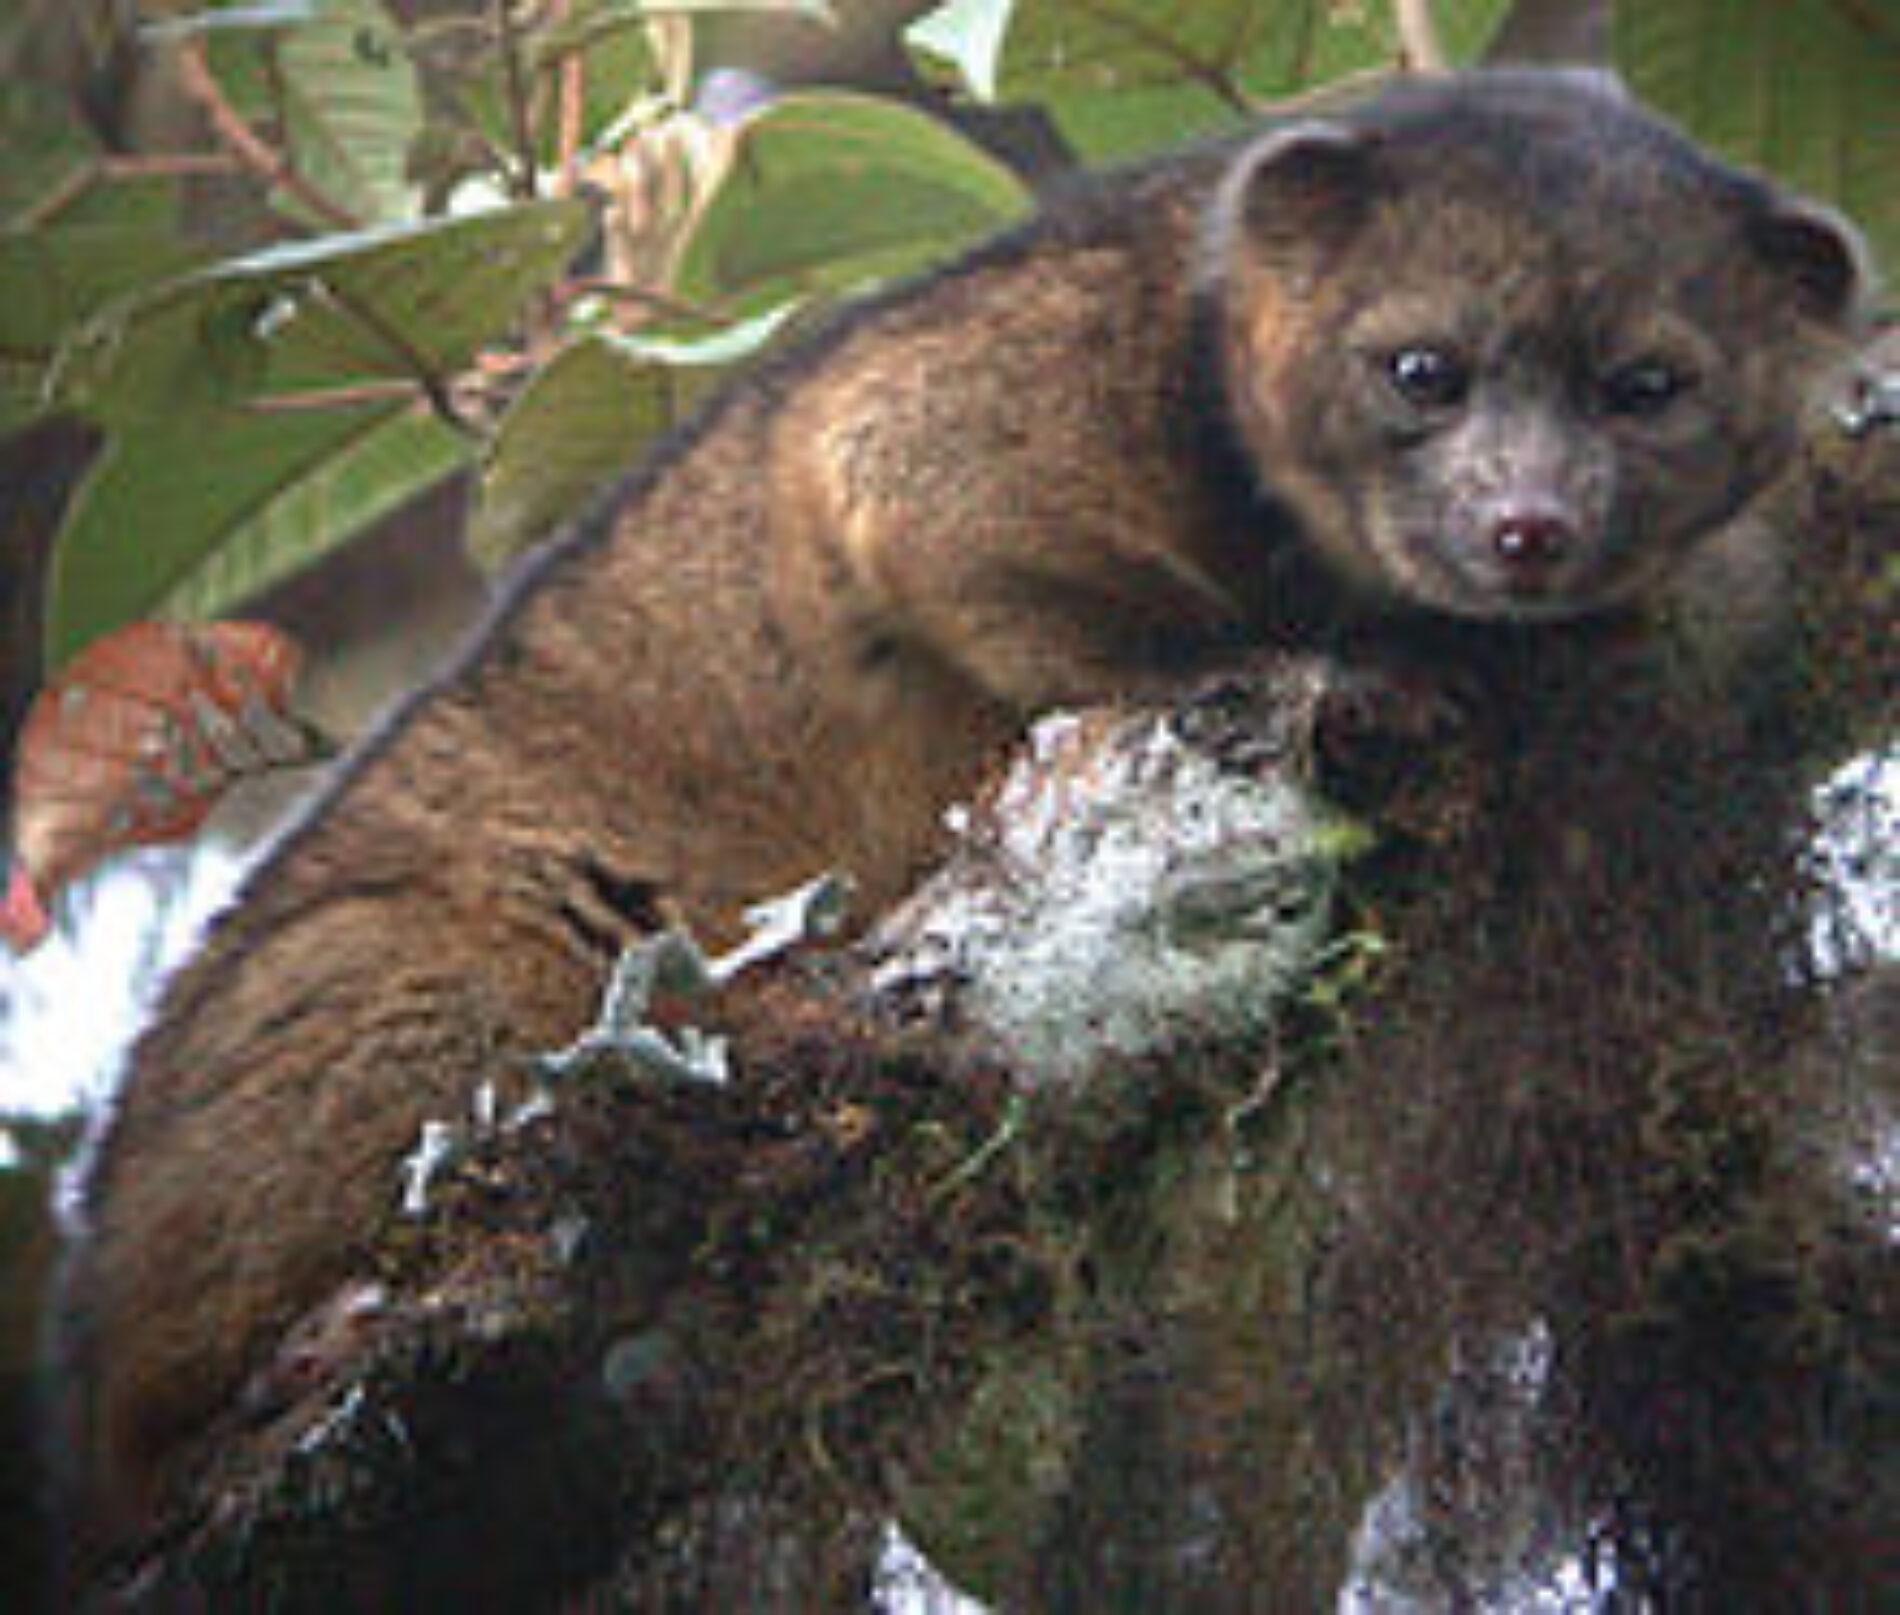 Ανακάλυψη νέου θηλαστικού από το Smithsonian Institute